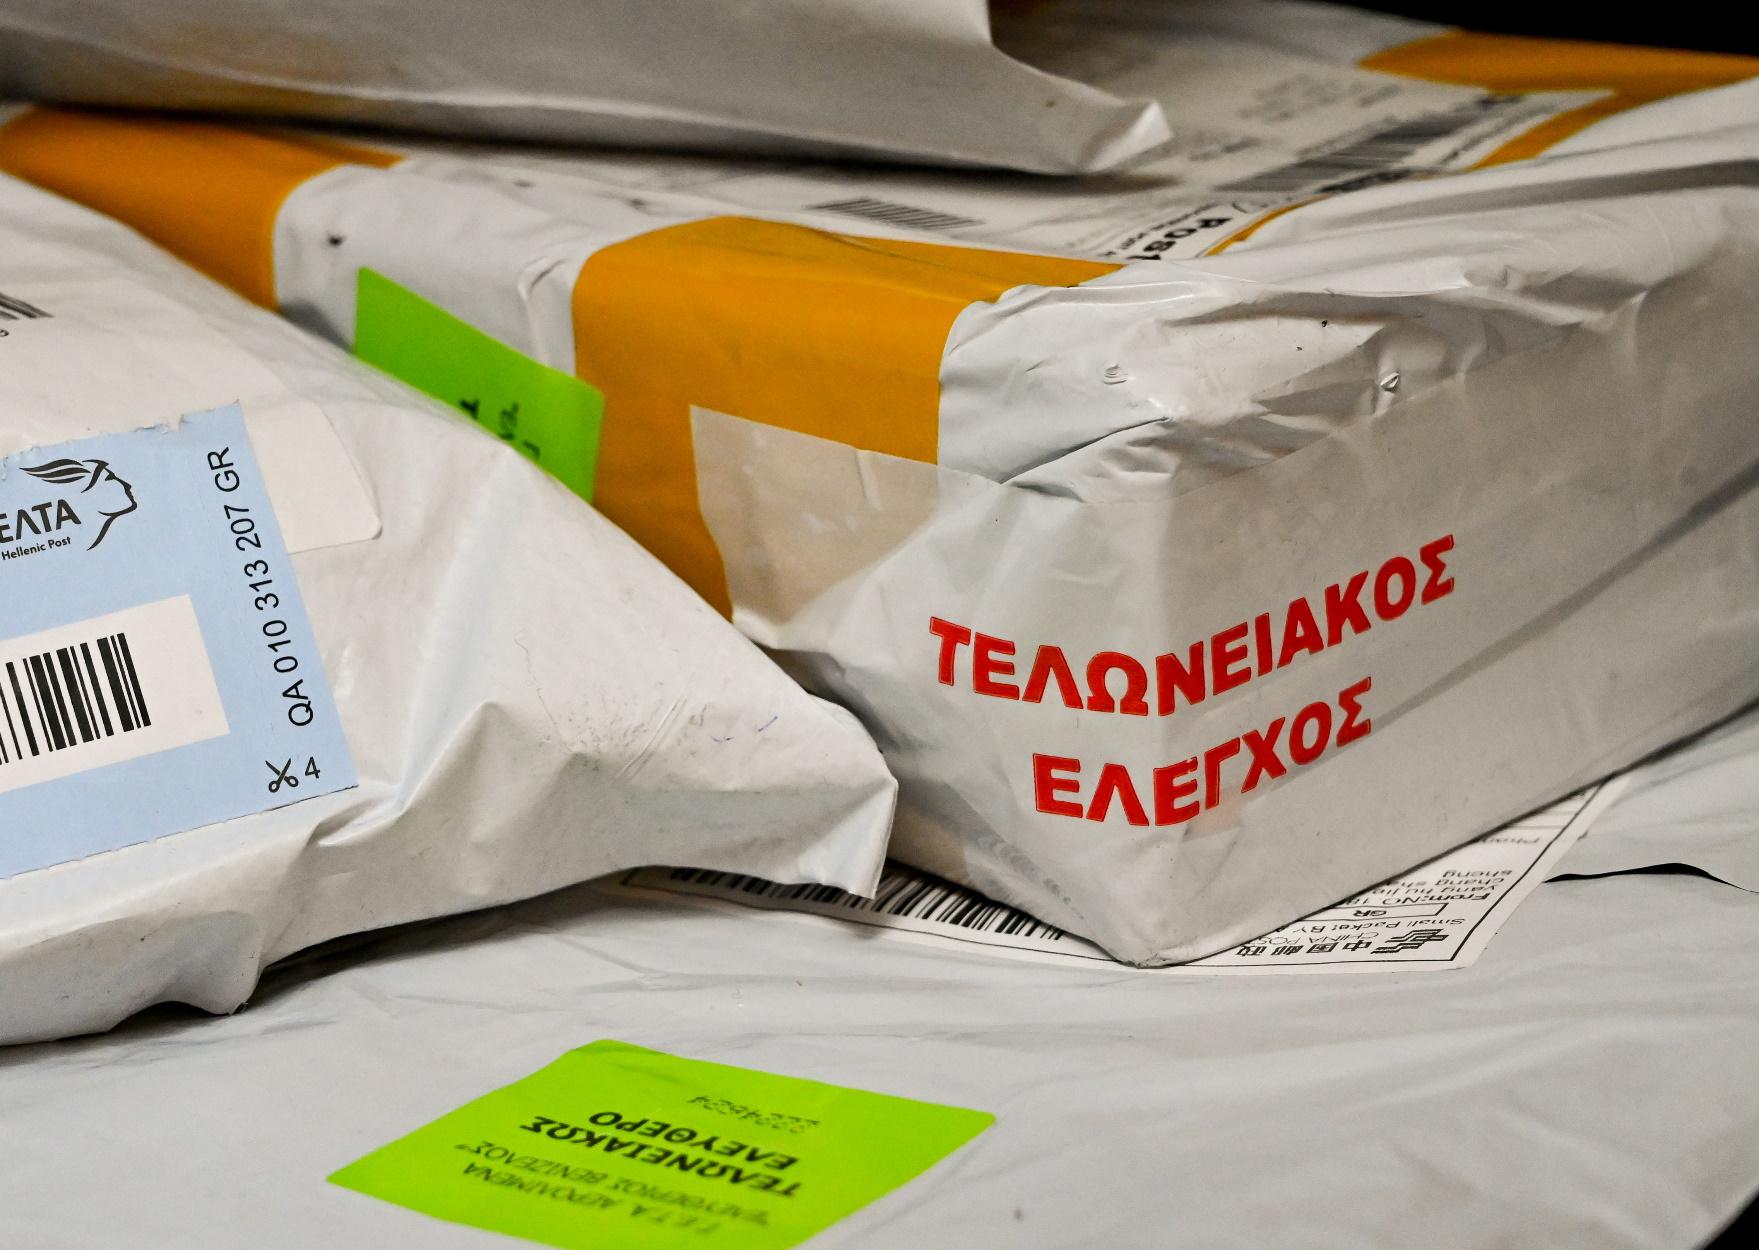 Χωρίς δασμούς, μόνο με ΦΠΑ, τα εμπορεύματα από το Ηνωμένο Βασίλειο